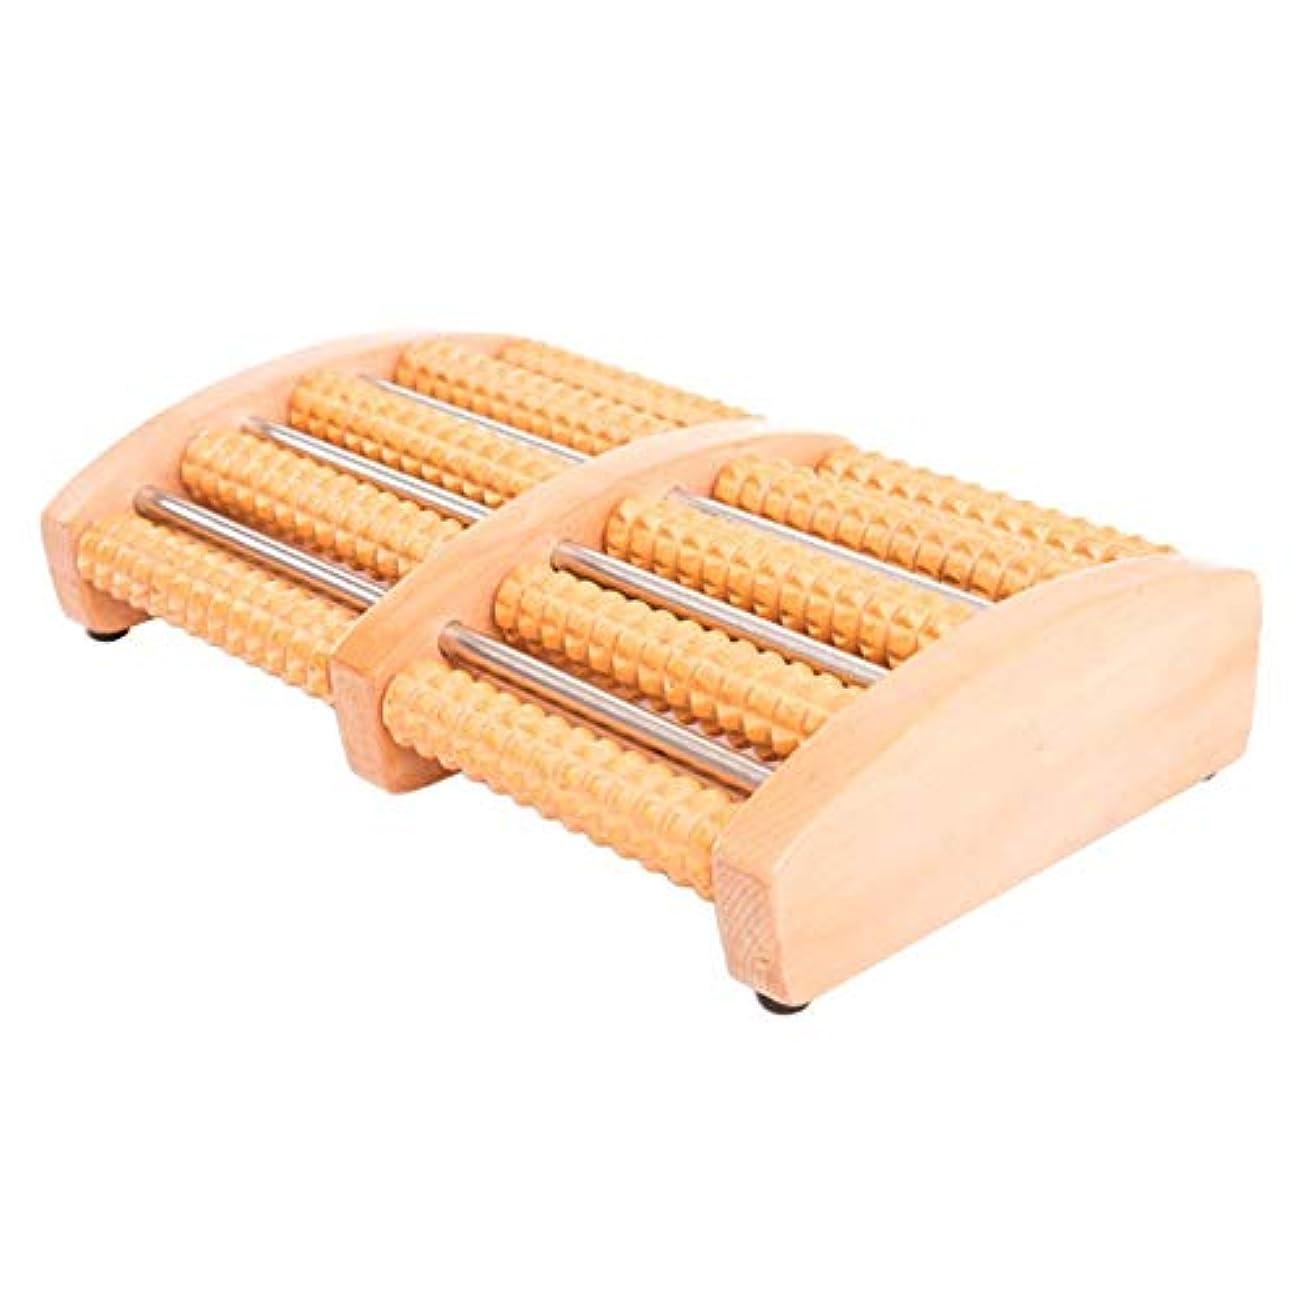 リスキーな受粉者気味の悪いColdwhite フットマッサージローラー、足のアーチの痛みと足底筋膜炎筋肉ローラースティック、リラクゼーションとストレス解消のための指圧リフレクソロジーツール(木製ローラー)